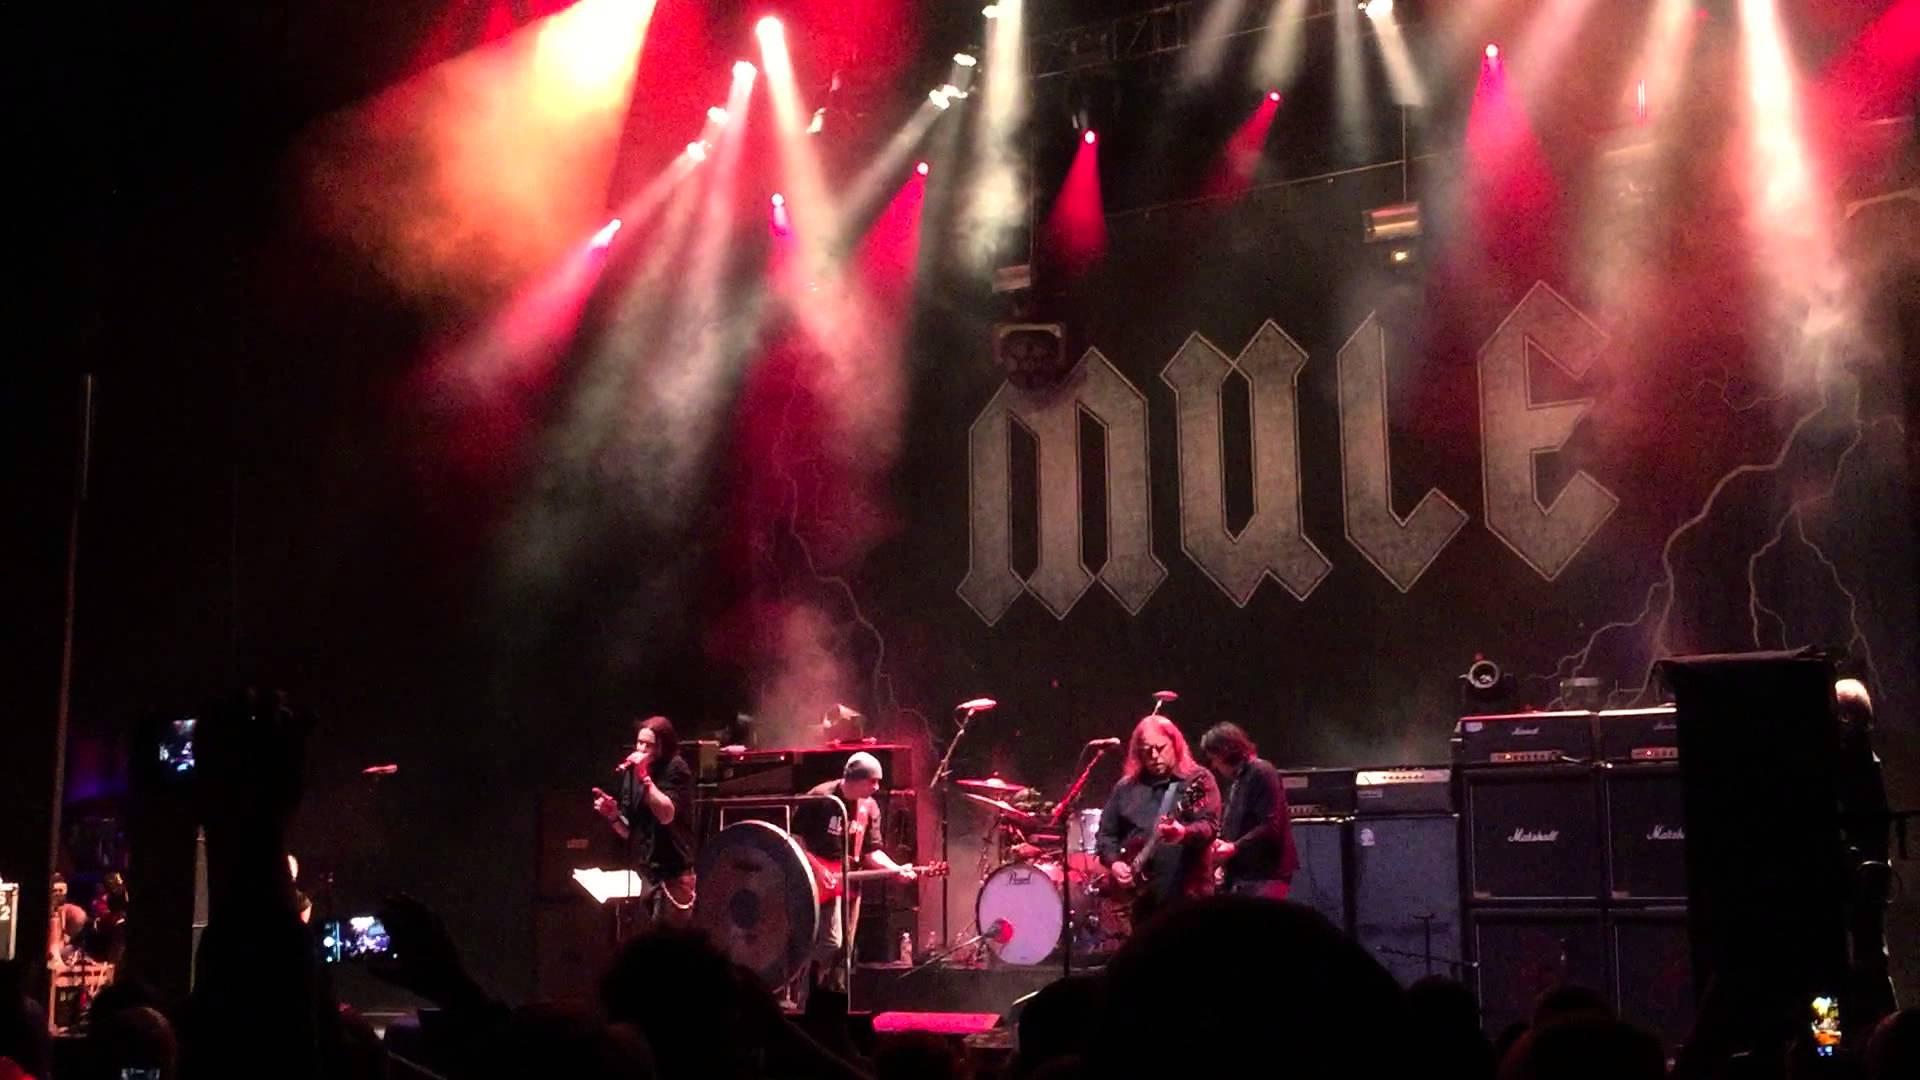 mule-nye-09